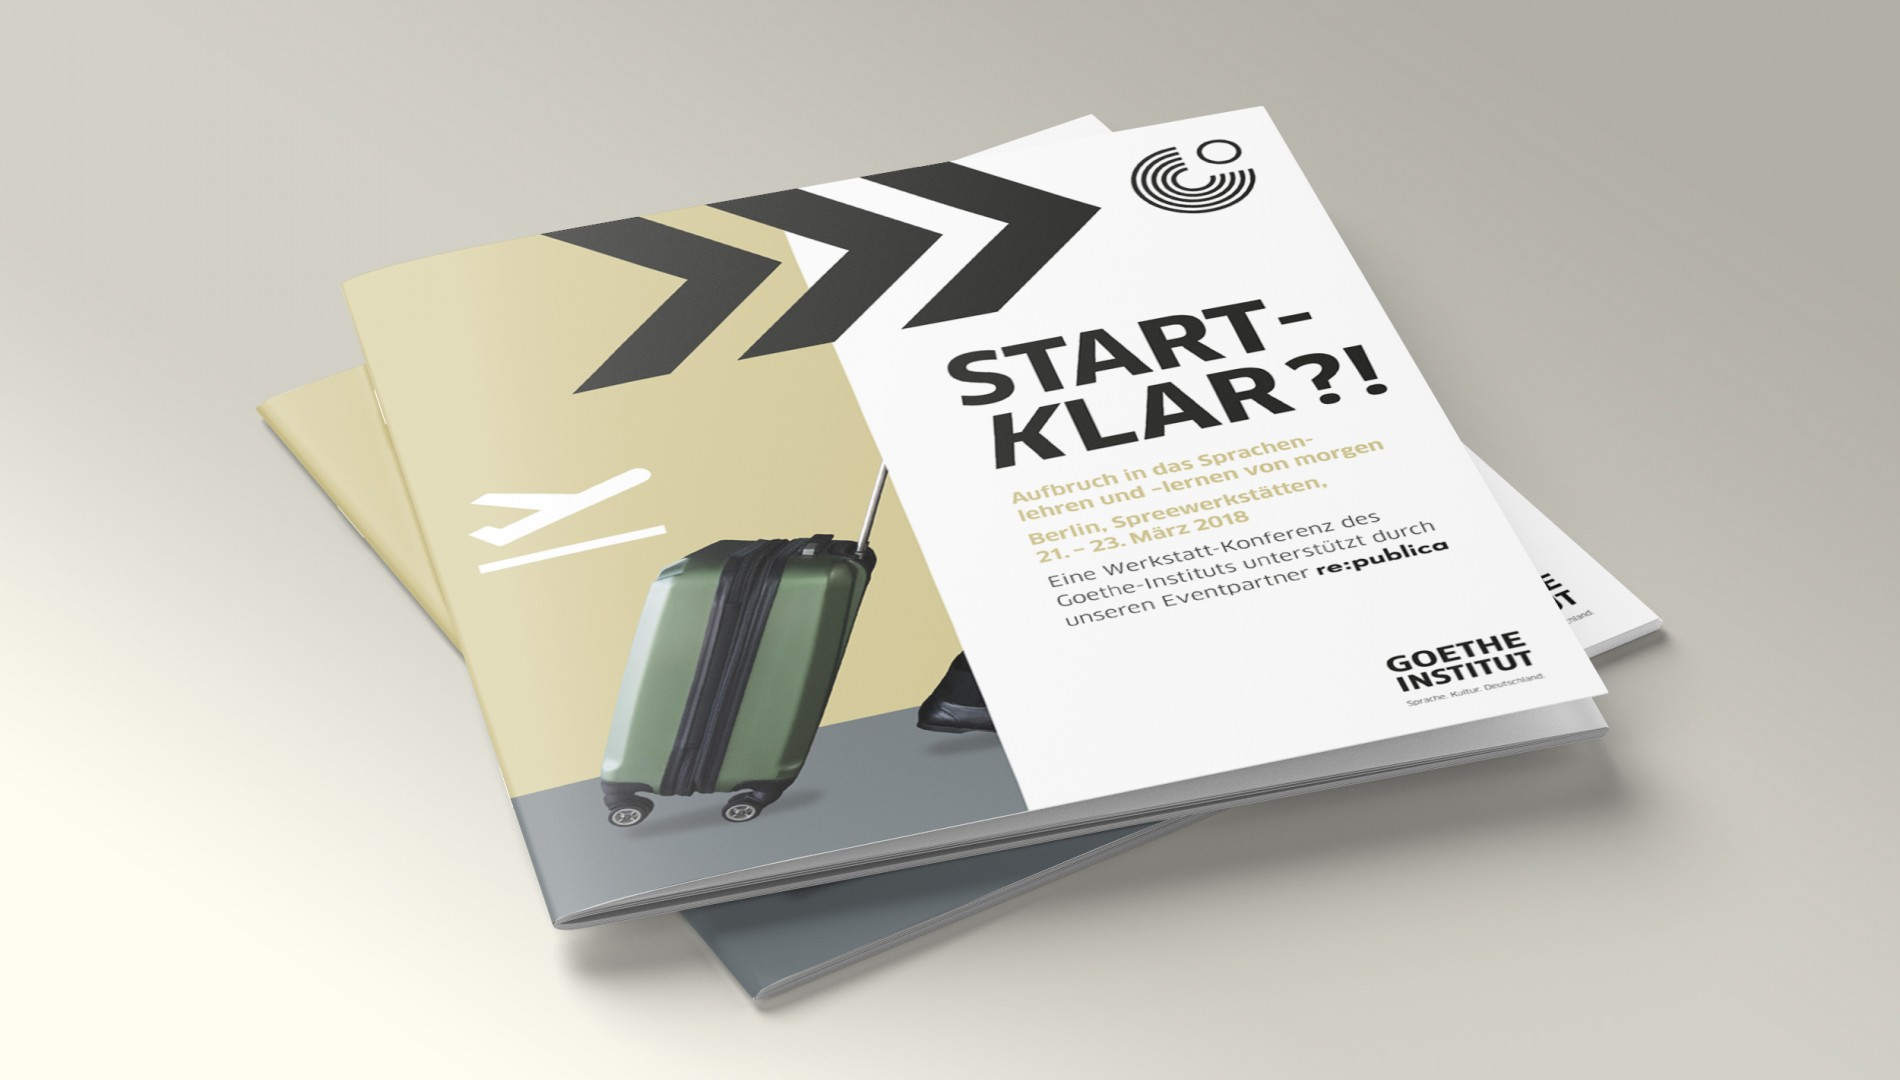 Corporate Design, Messedesign, Orientierungssystem und Printbroschüre von der Designagentur das formt aus München